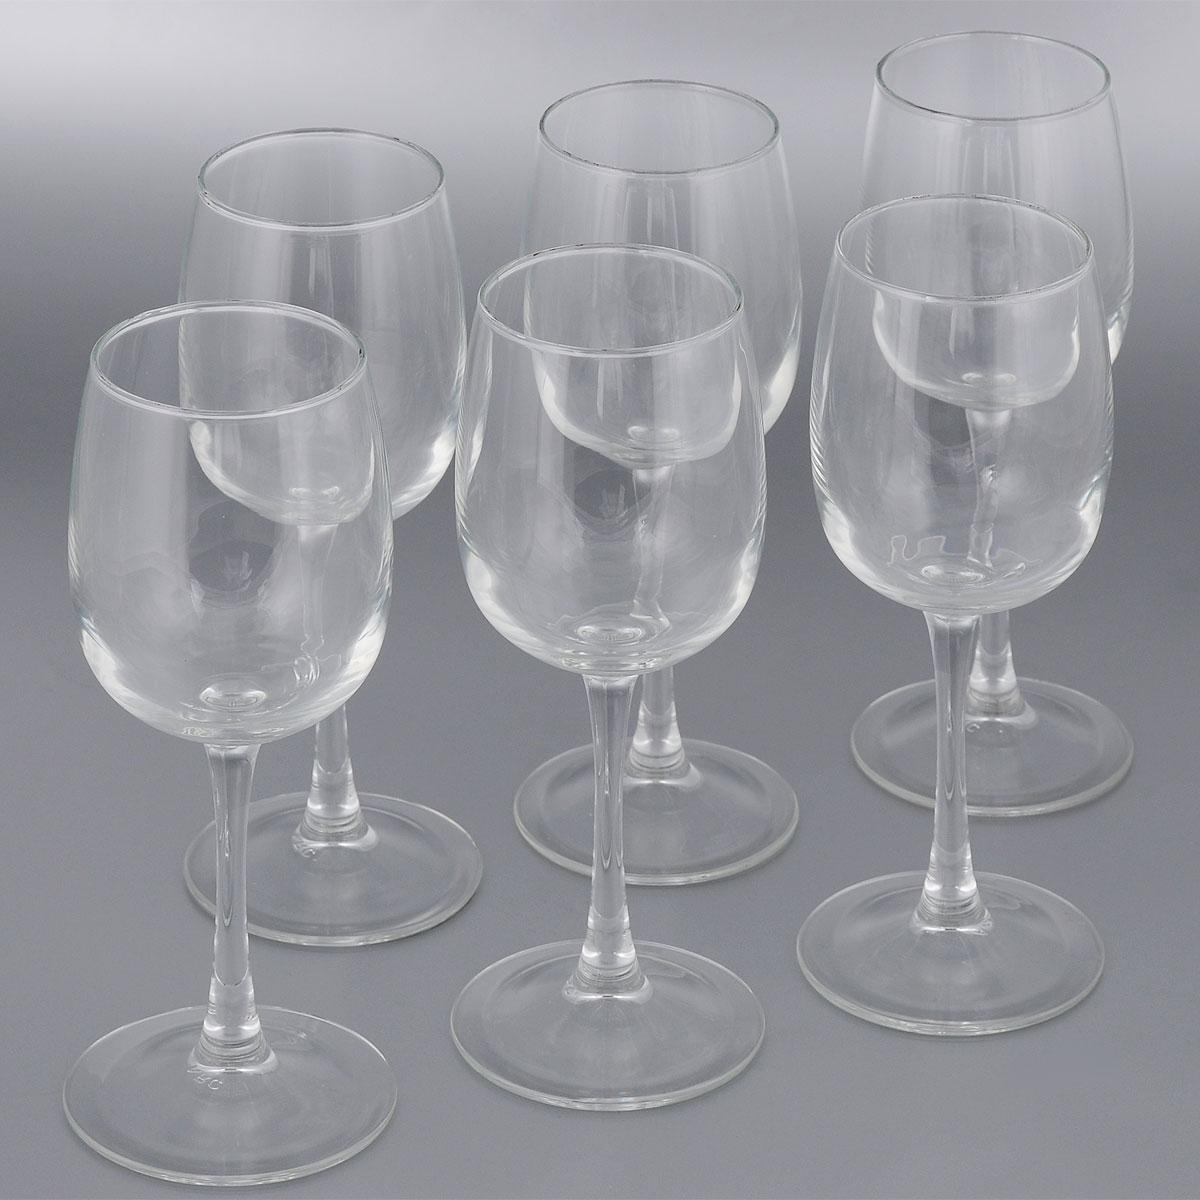 Набор бакалов для вина Luminarc Versailles, 360 мл, 6 штG1483Набор Luminarc Versailles состоит из шести классических бокалов, выполненных из прочного стекла. Изделия оснащены высокими ножками и предназначены для подачи вина. Они сочетают в себе элегантный дизайн и функциональность. Набор фужеров Versailles прекрасно оформит праздничный стол и создаст приятную атмосферу за романтическим ужином. Такой набор также станет хорошим подарком к любому случаю.Можно мыть в посудомоечной машине.Диаметр фужера (по верхнему краю): 6,5 см. Диаметр основания фужера: 7,5 см. Высота фужера: 21,5 см.